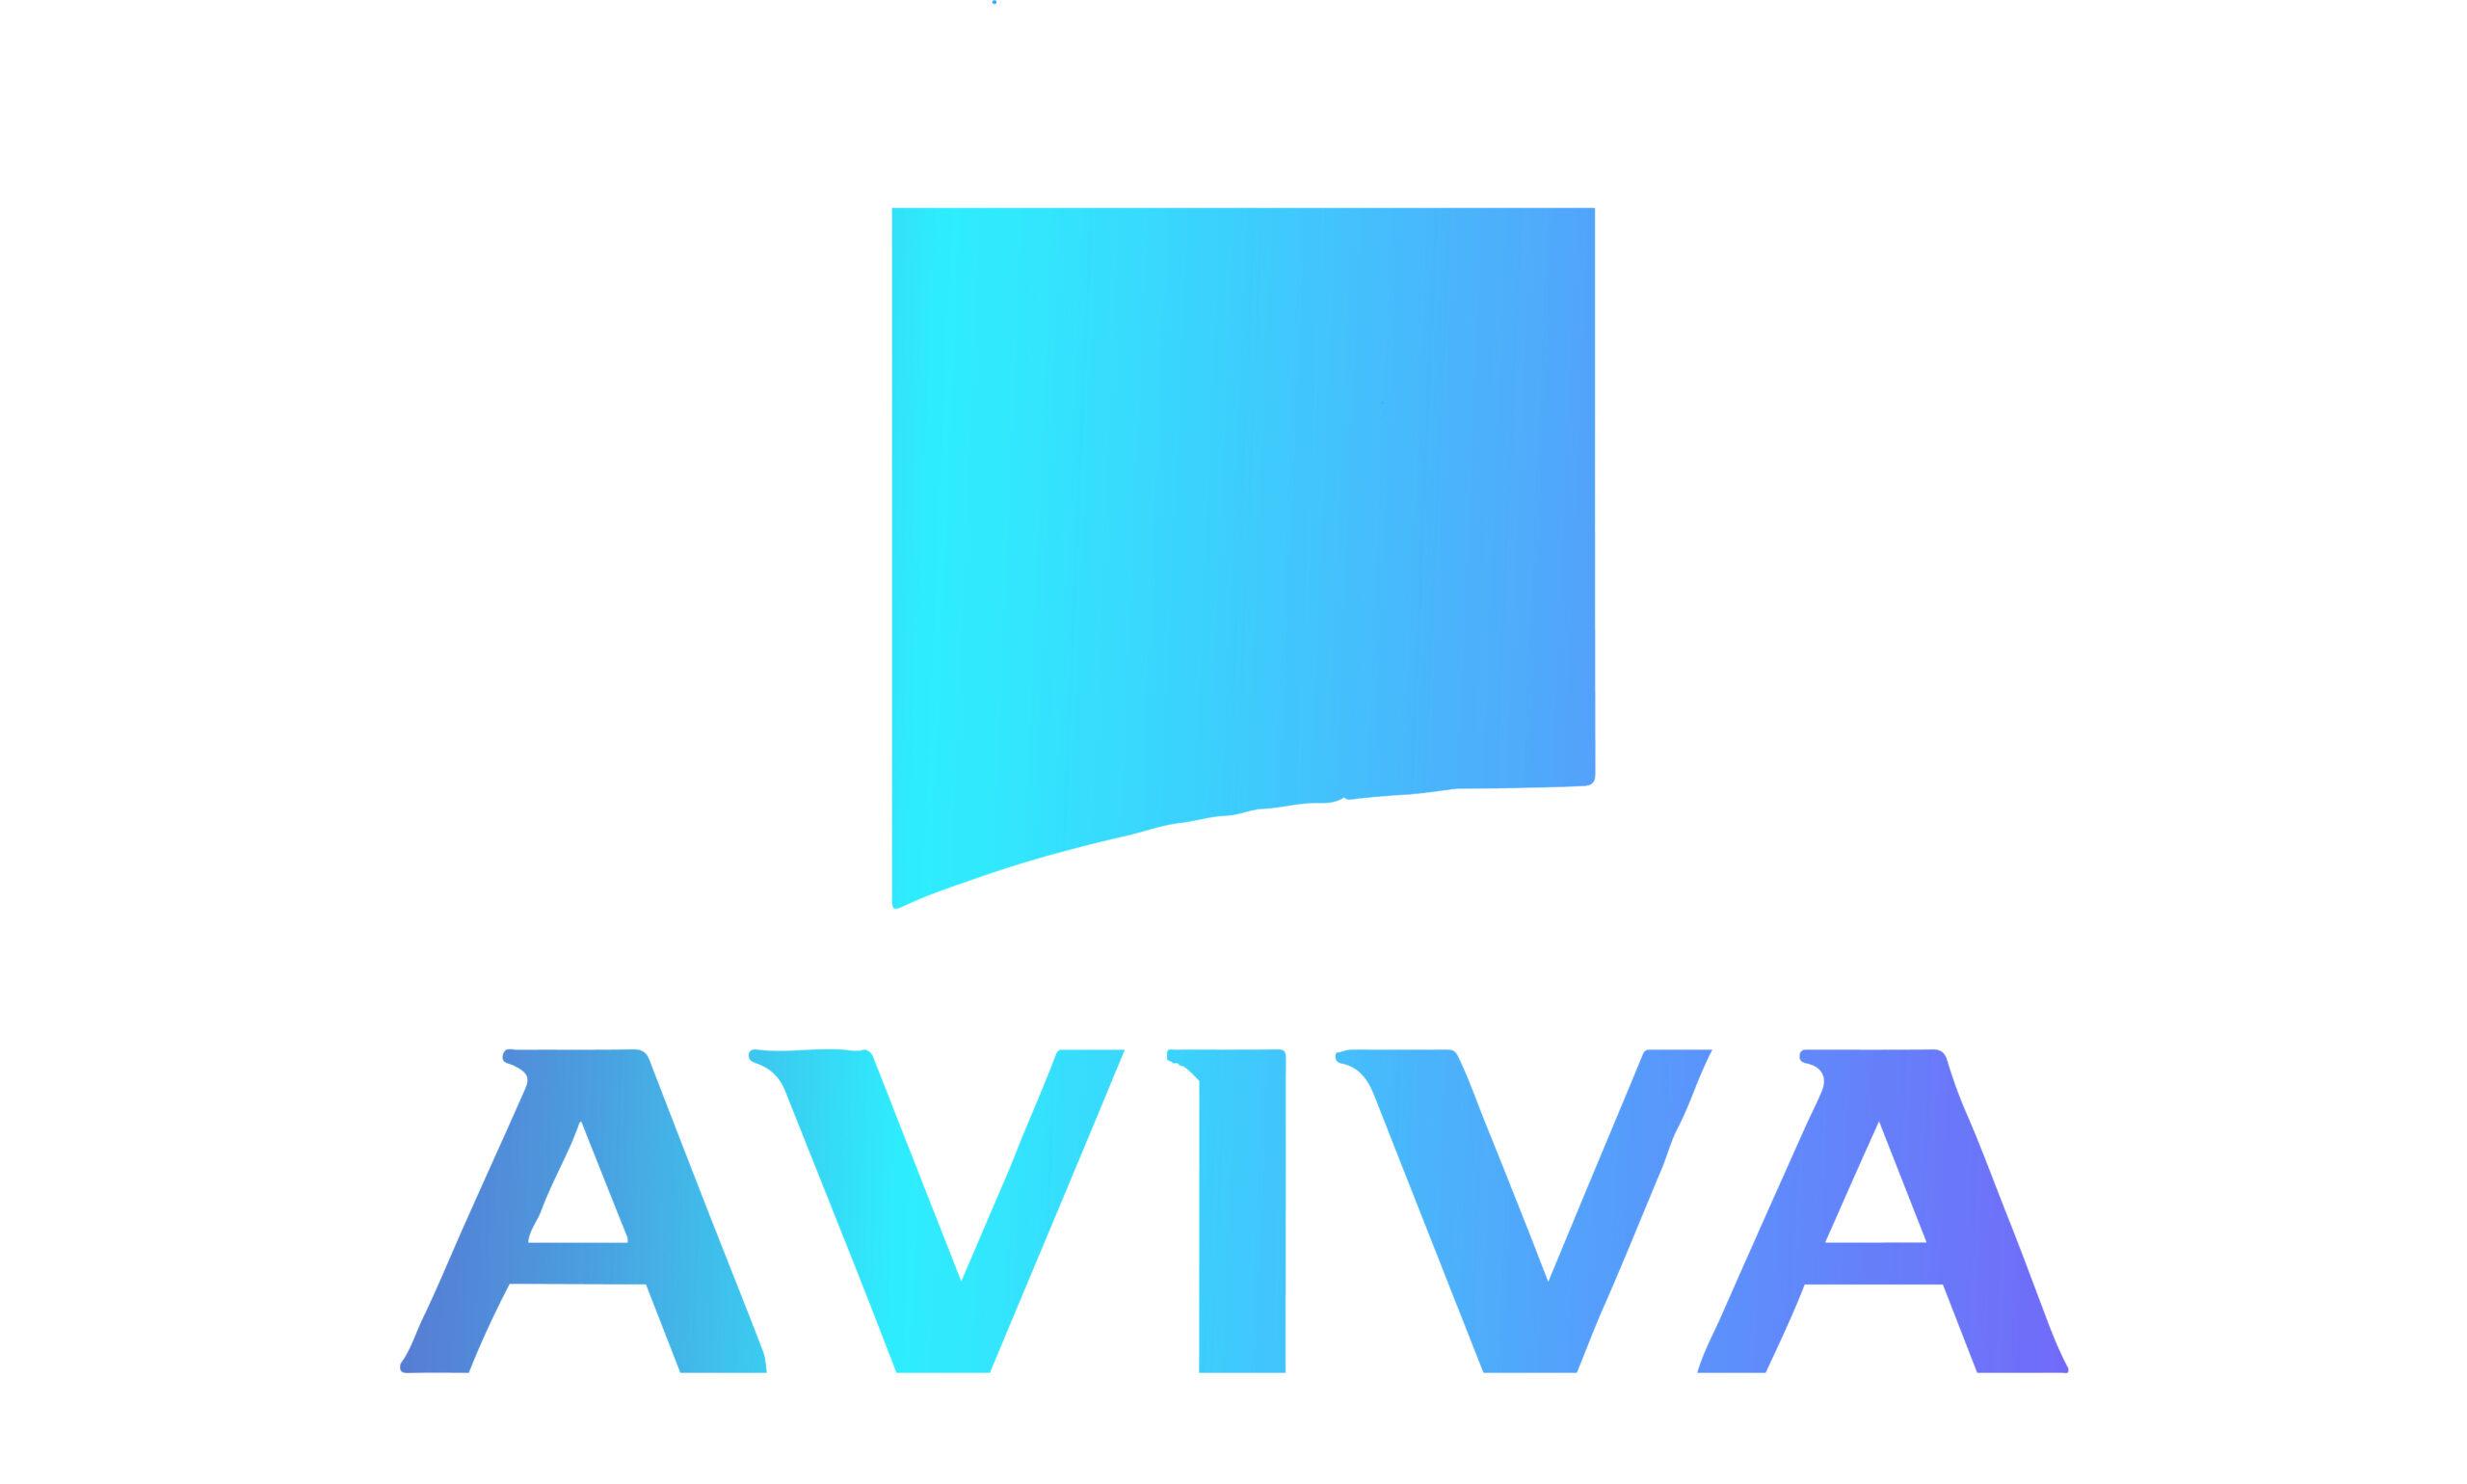 Aviva избавится от выбросов углерода 2040